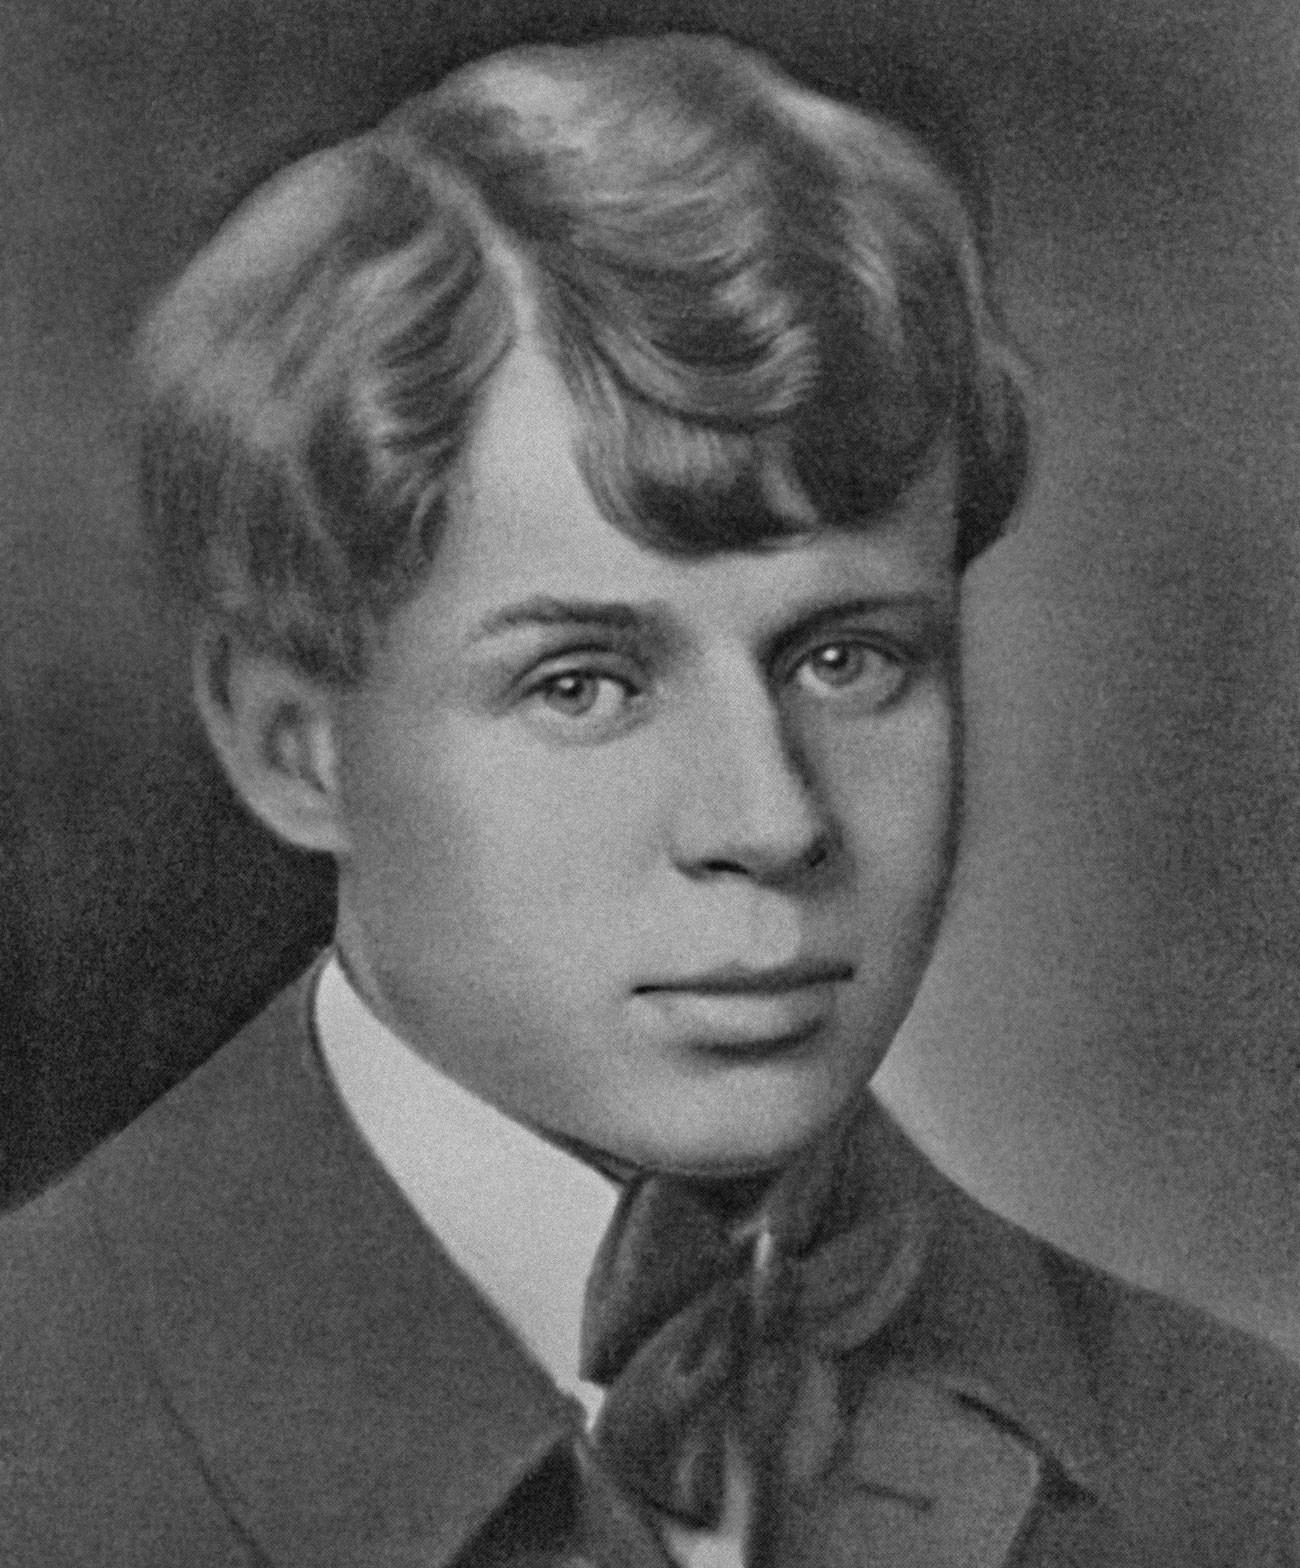 Iessênin também ganhou notoriedade como encrenqueiro, e seus duelos literários mais conhecidos foram com Maiakóvski.